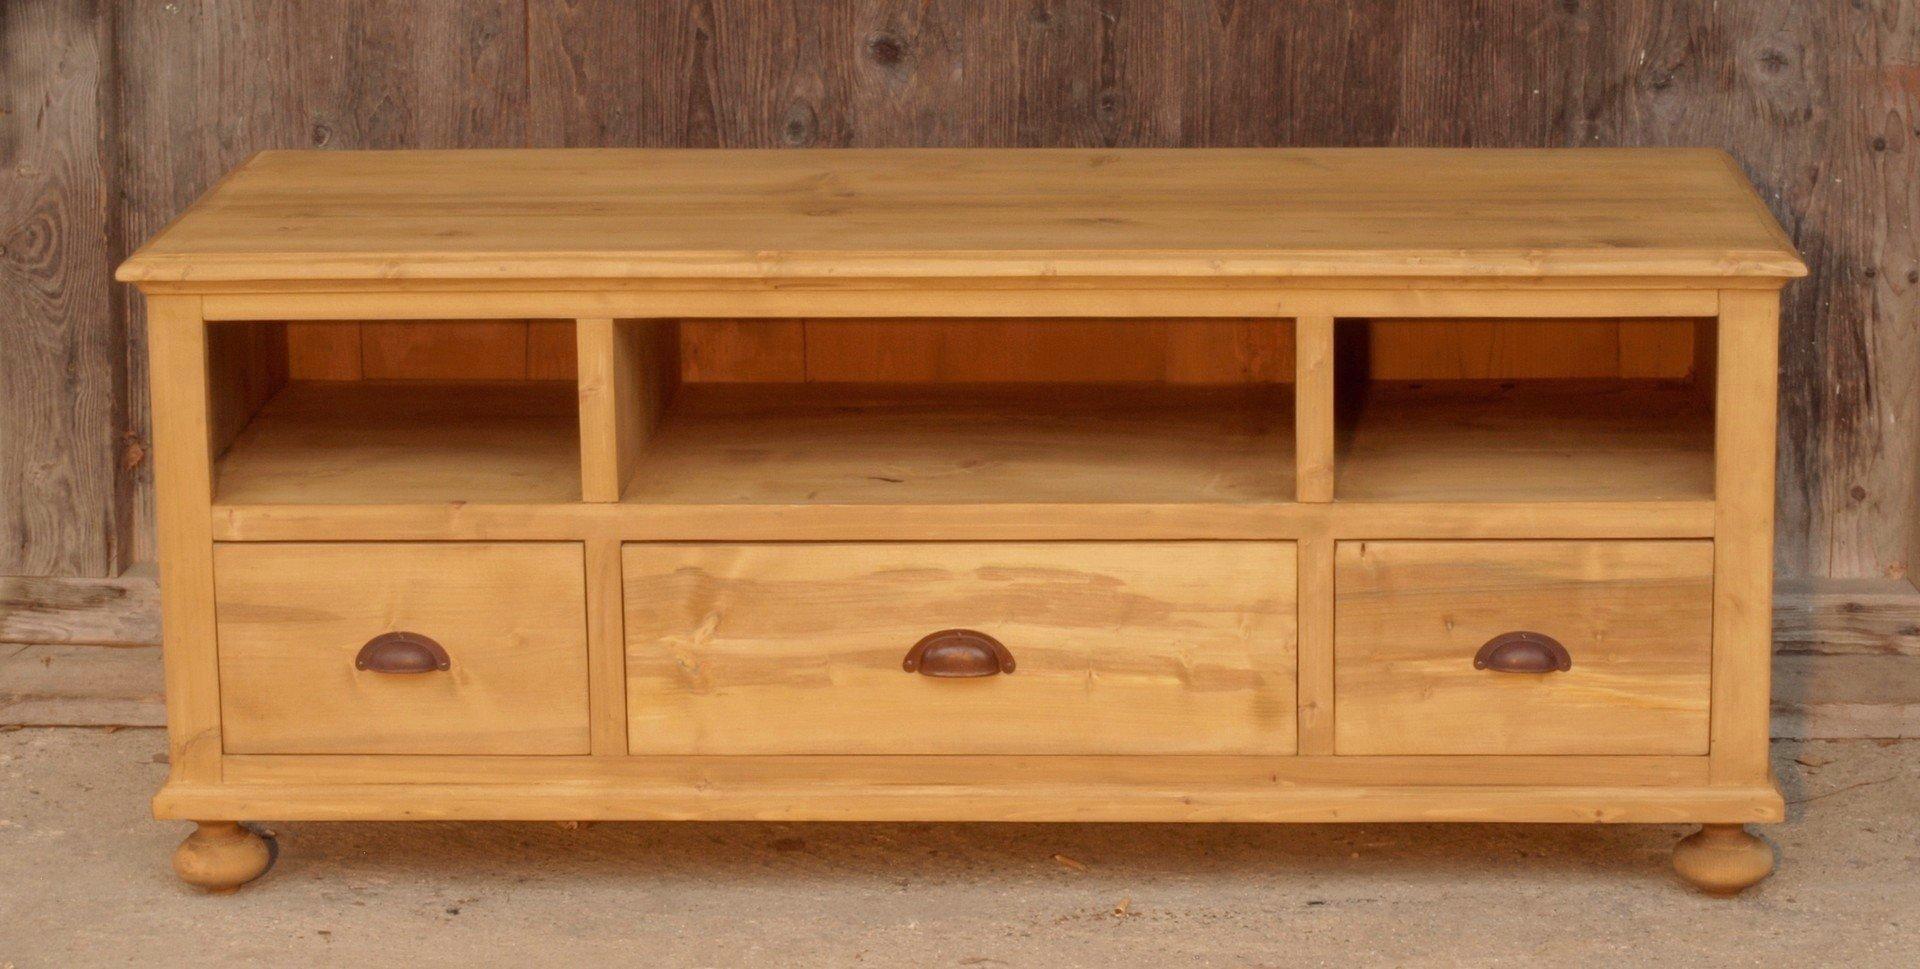 fernsehschrank massivholzmöbel fichte nachbau/neuanfertigung - antik